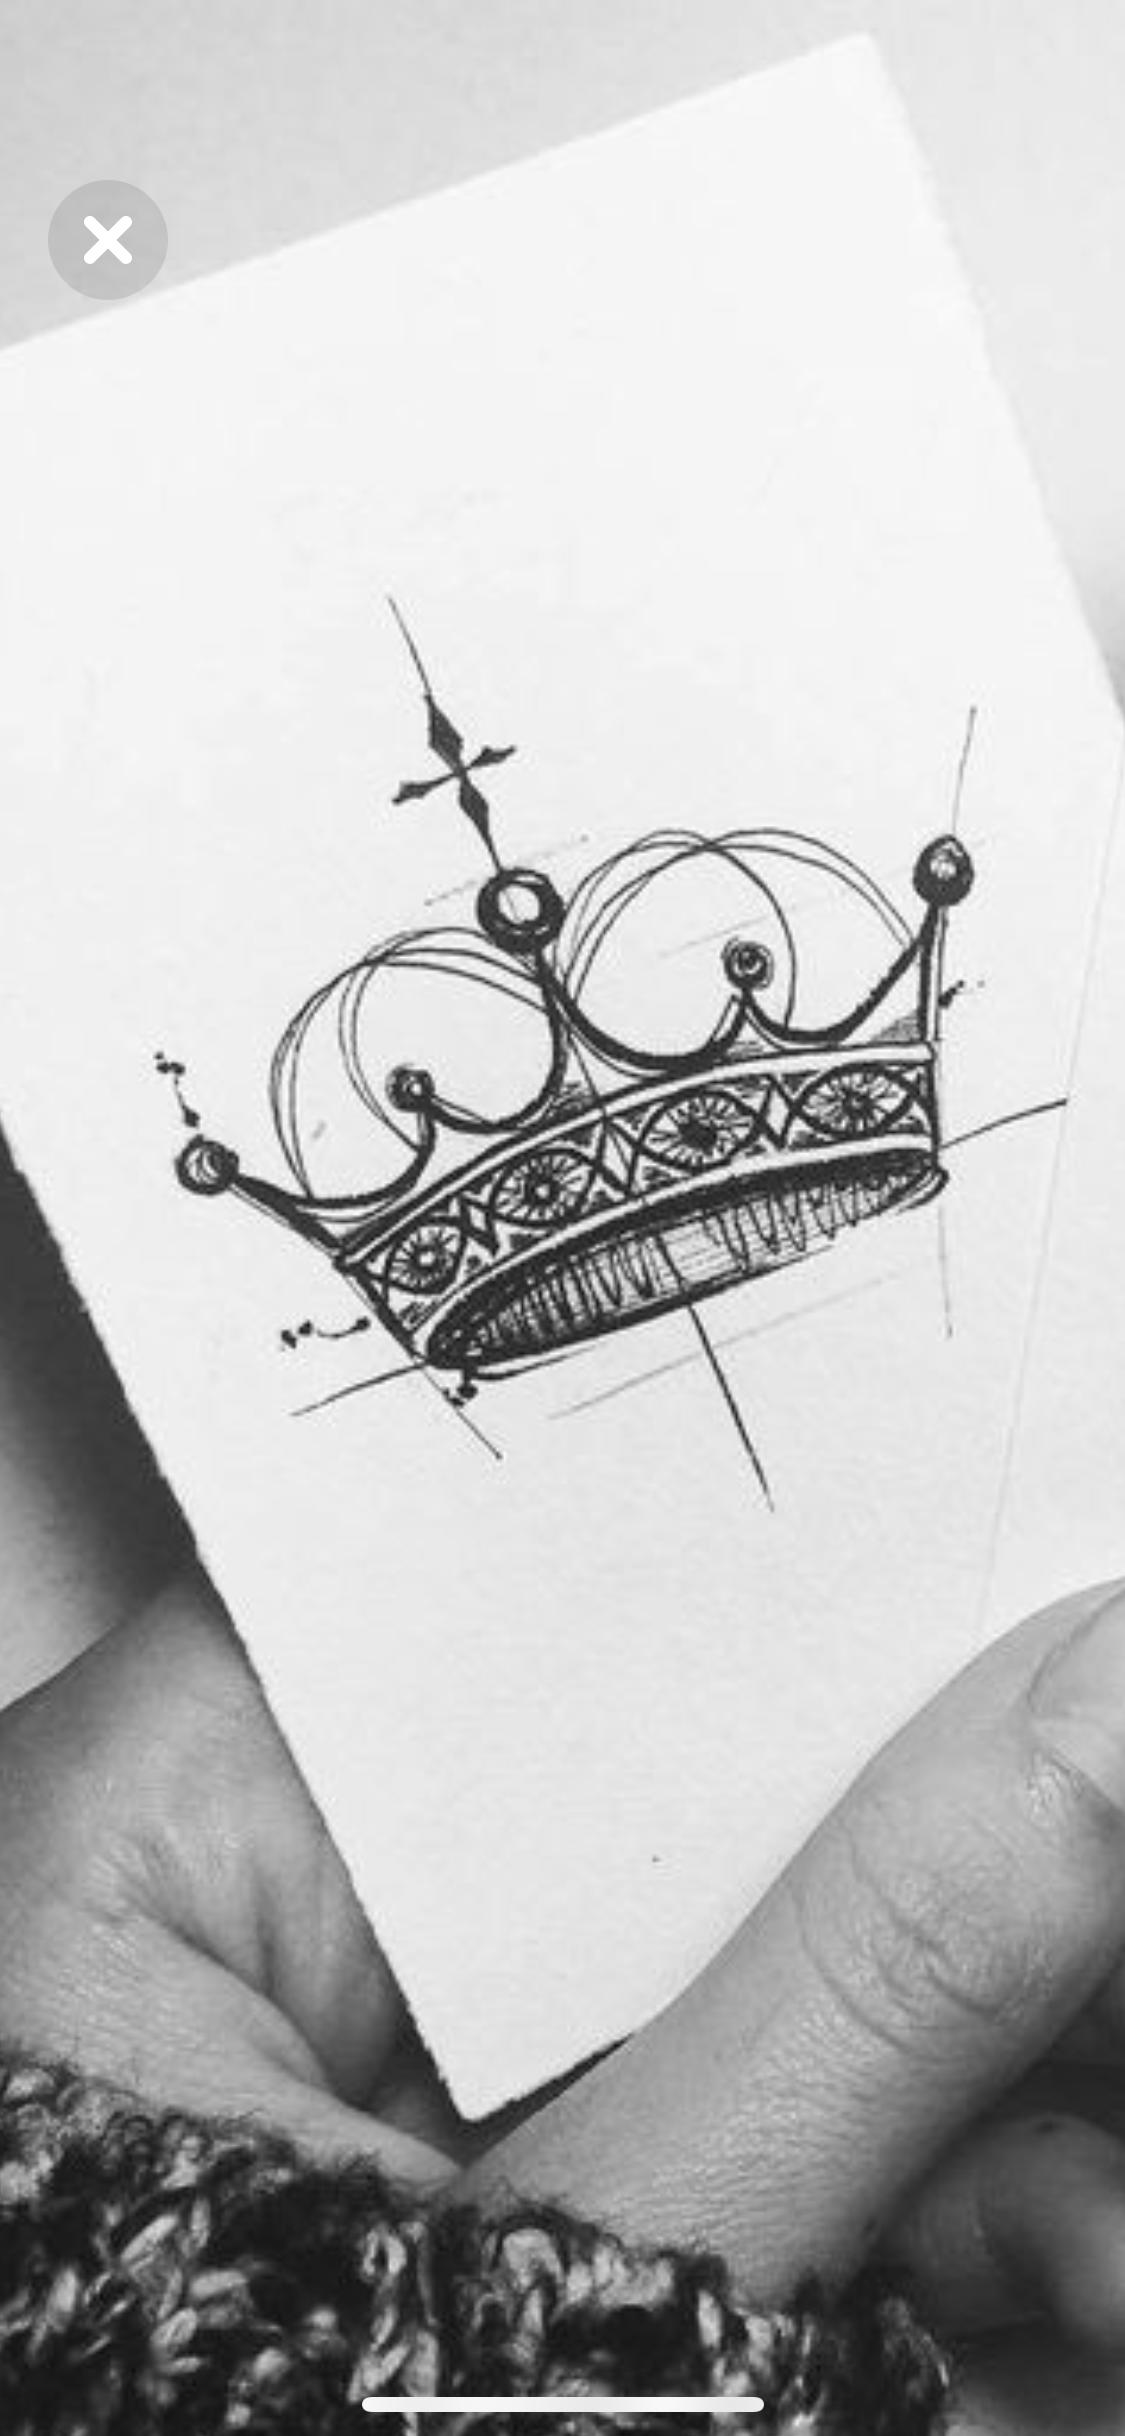 Corona ronal